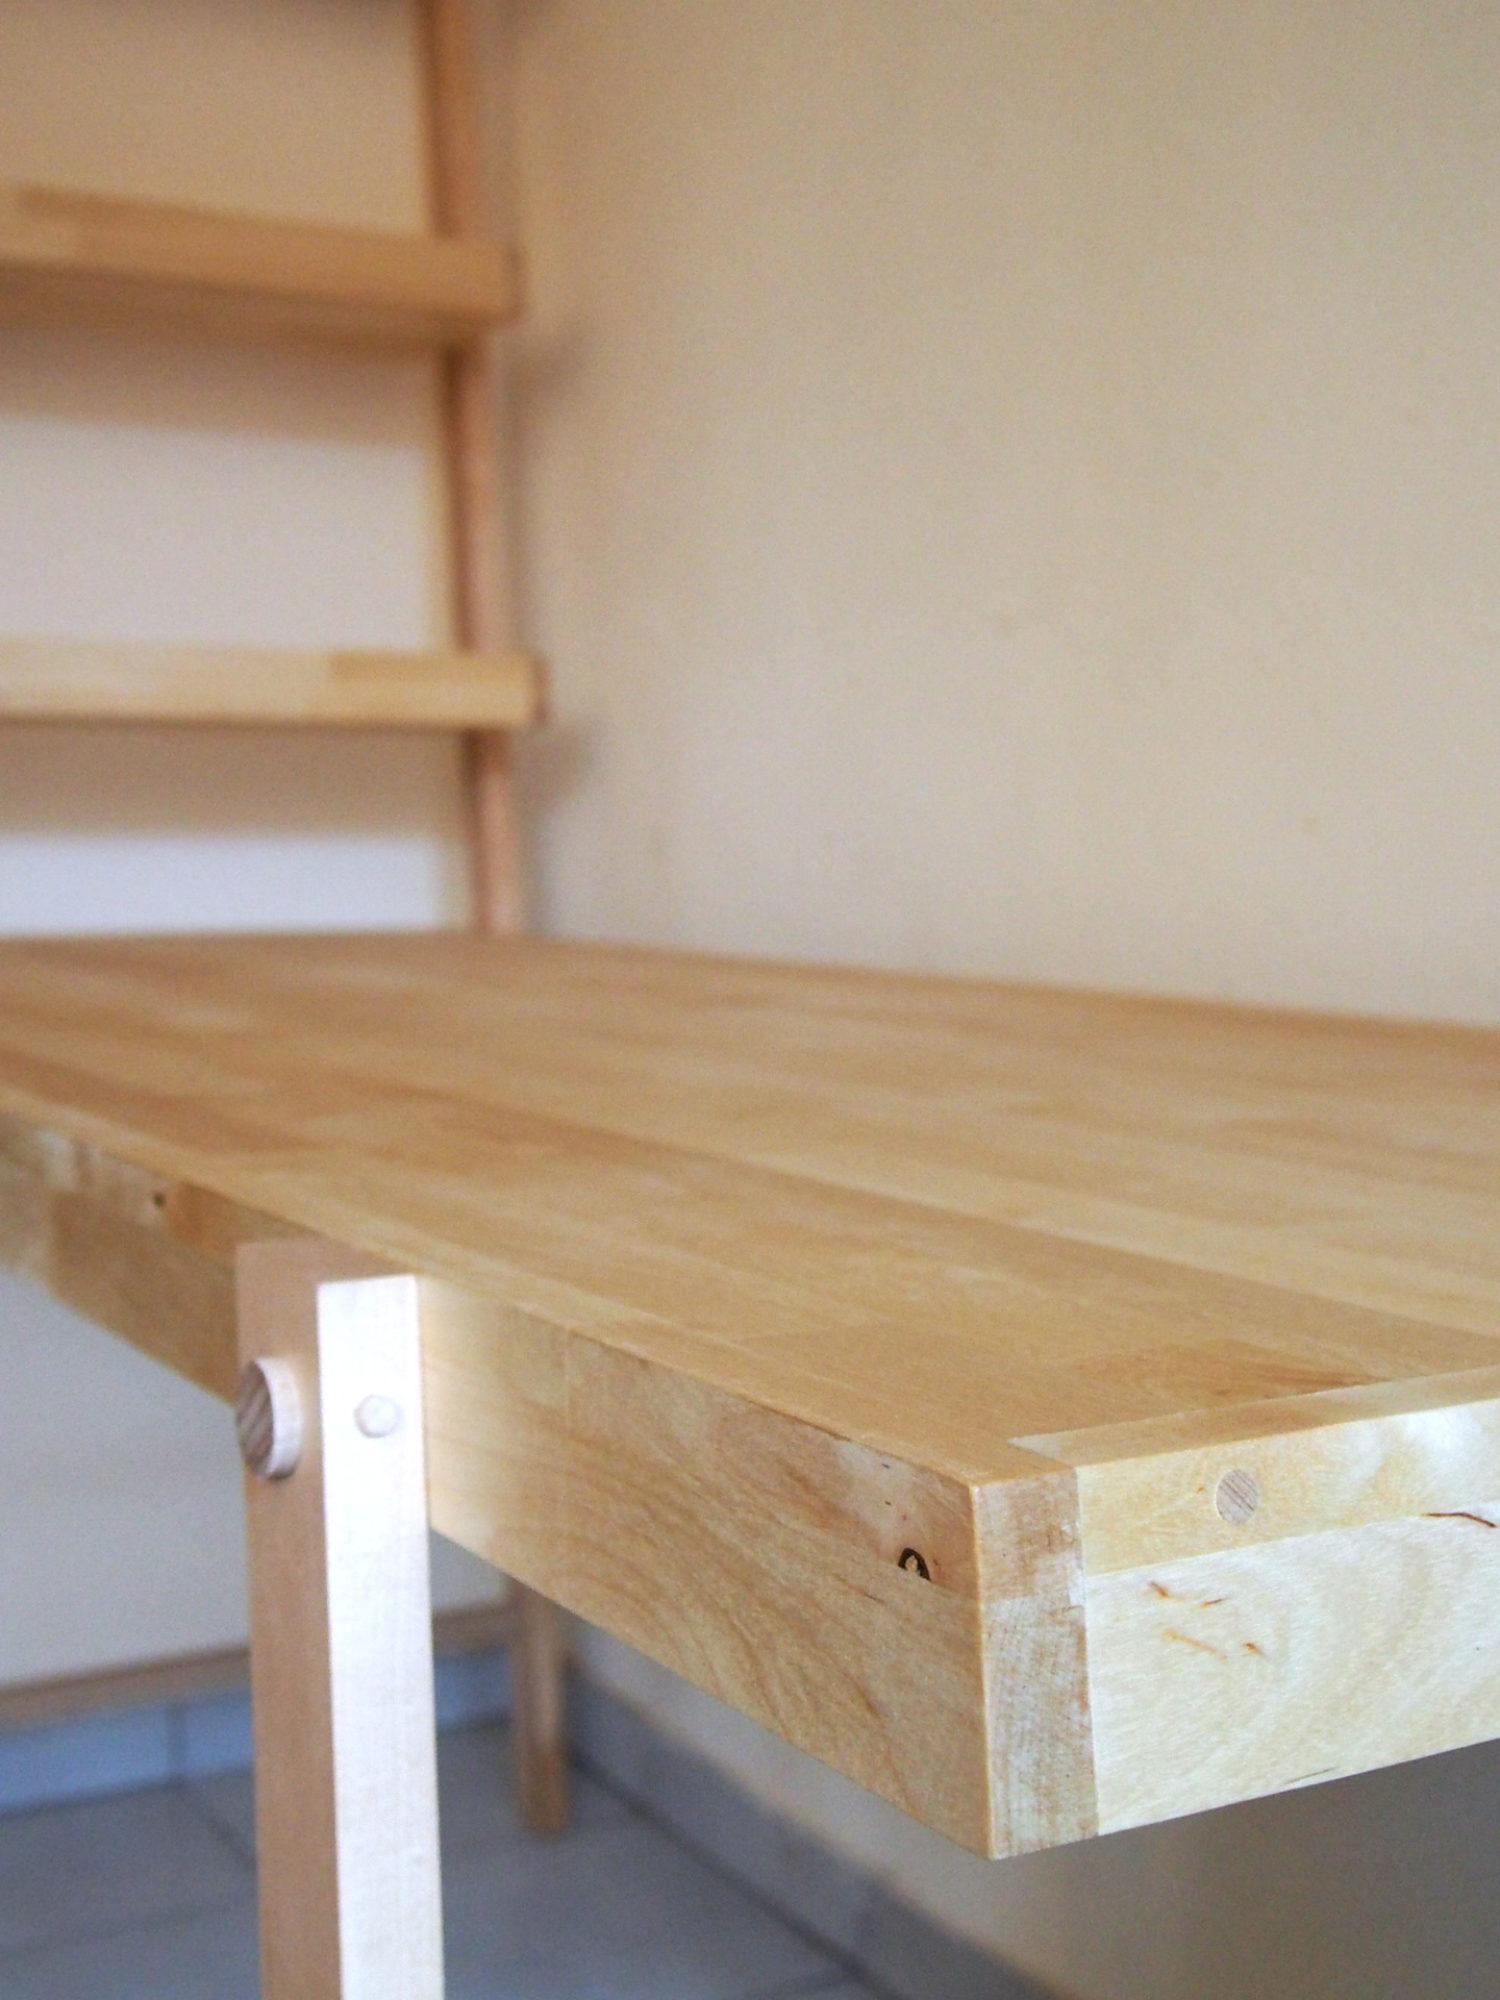 BUREAU BIBLIOTHÈQUE • Une solution de mobilier sur mesure intéressante pour combiner 2 fonctions.